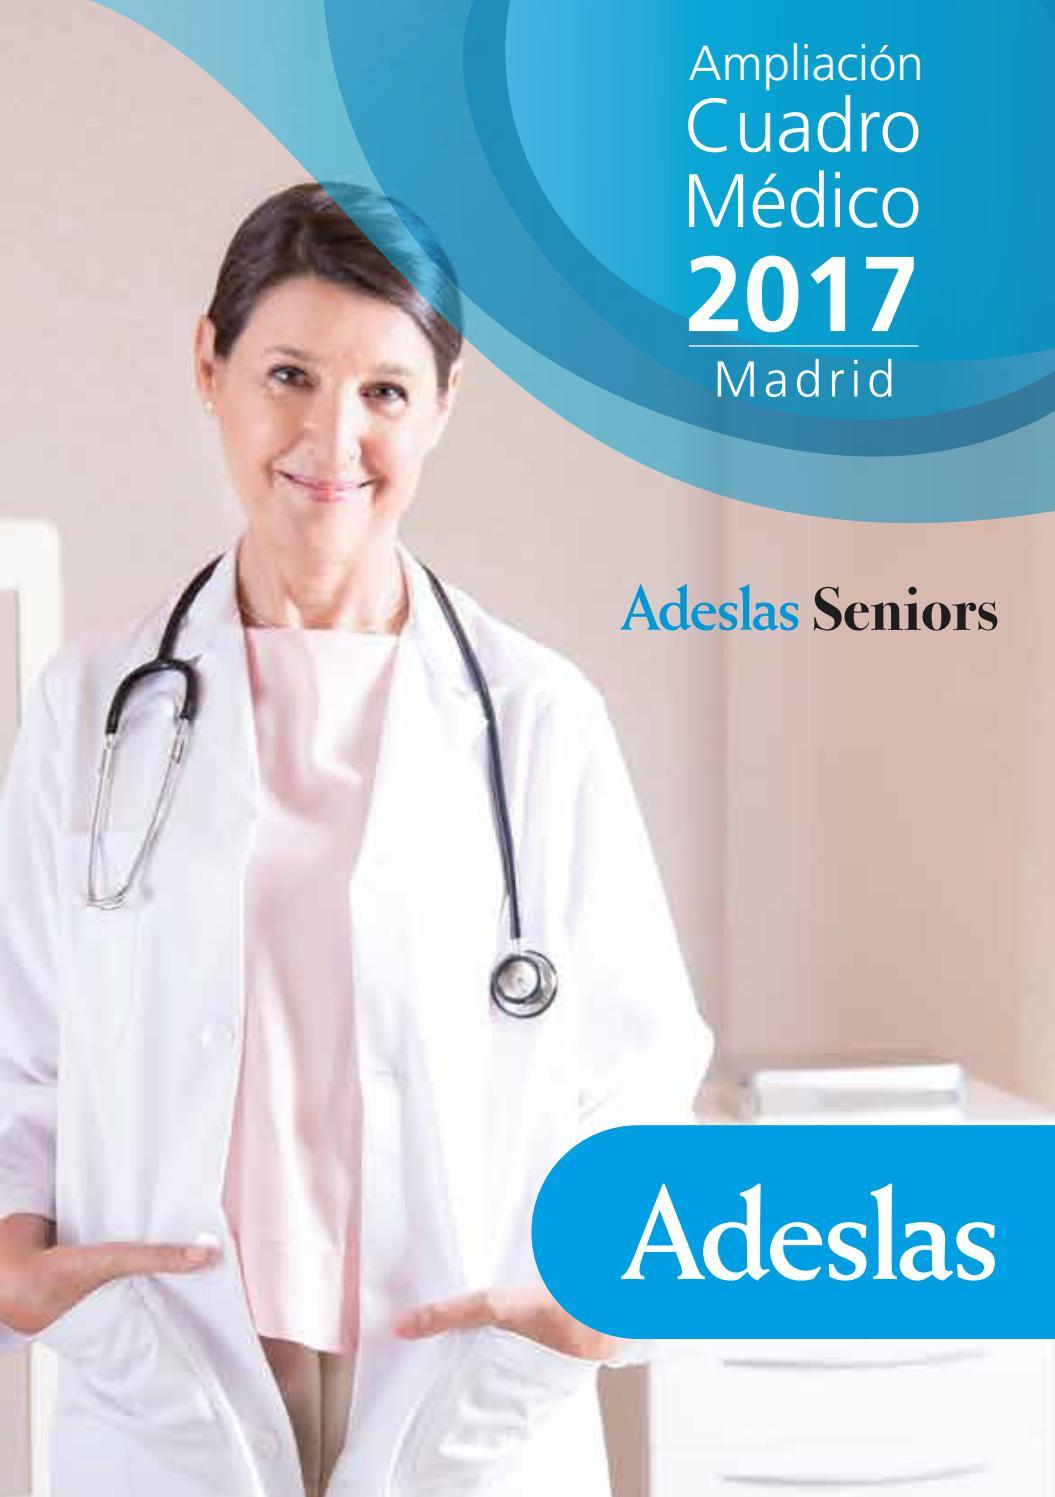 Ampliaci n adeslas seniors by seguros torrelodones issuu - Oficinas de adeslas en madrid ...